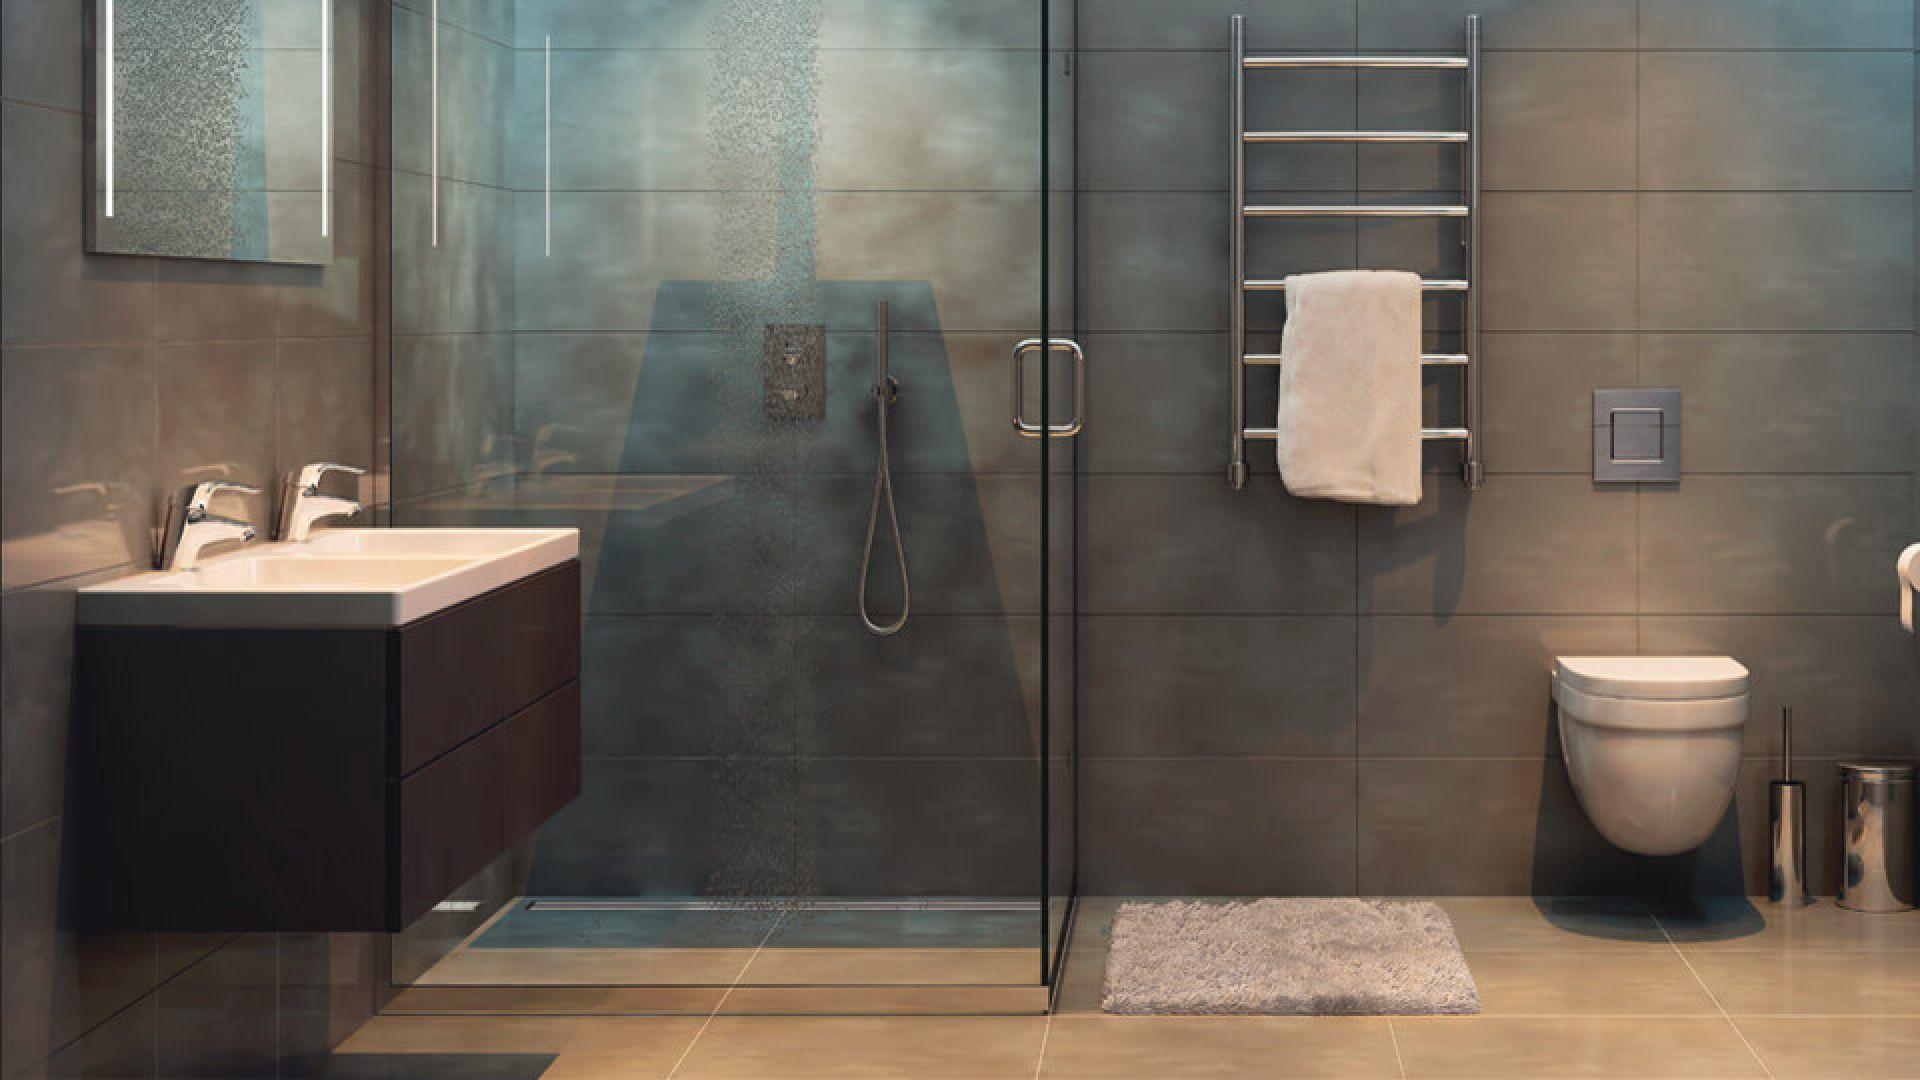 Tout Pour La Salle De Bain carrelage mural salle de bain design - kumpalo